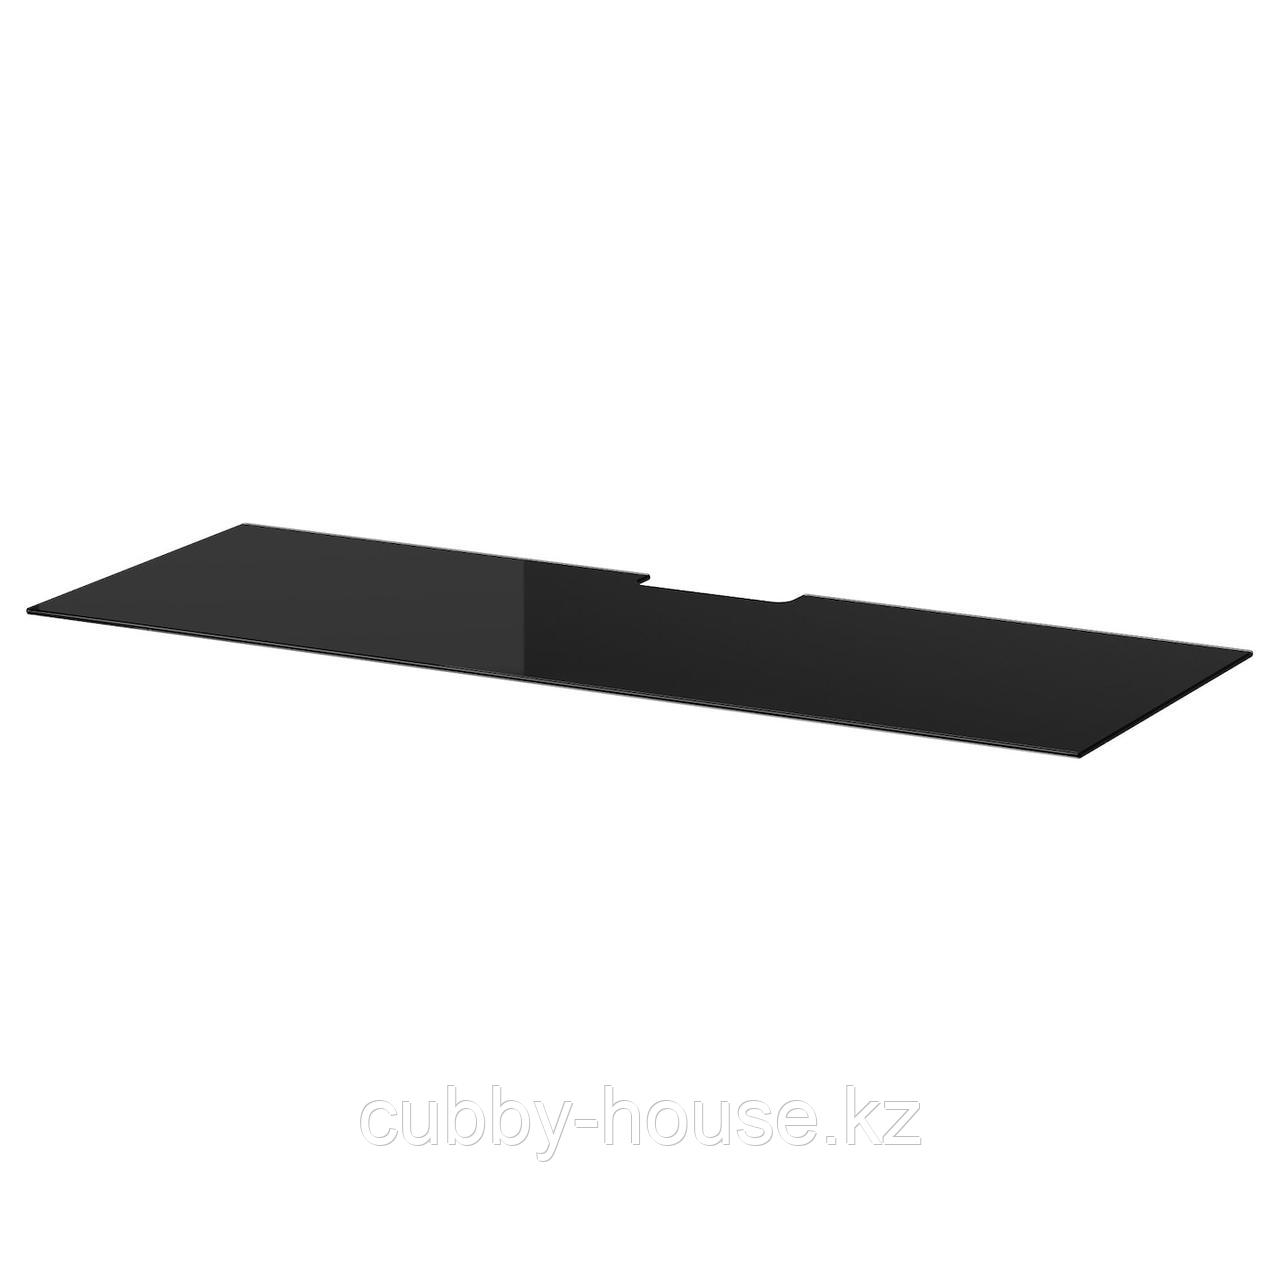 БЕСТО Верхняя панель д/ТВ, стекло черный, 120x40 см